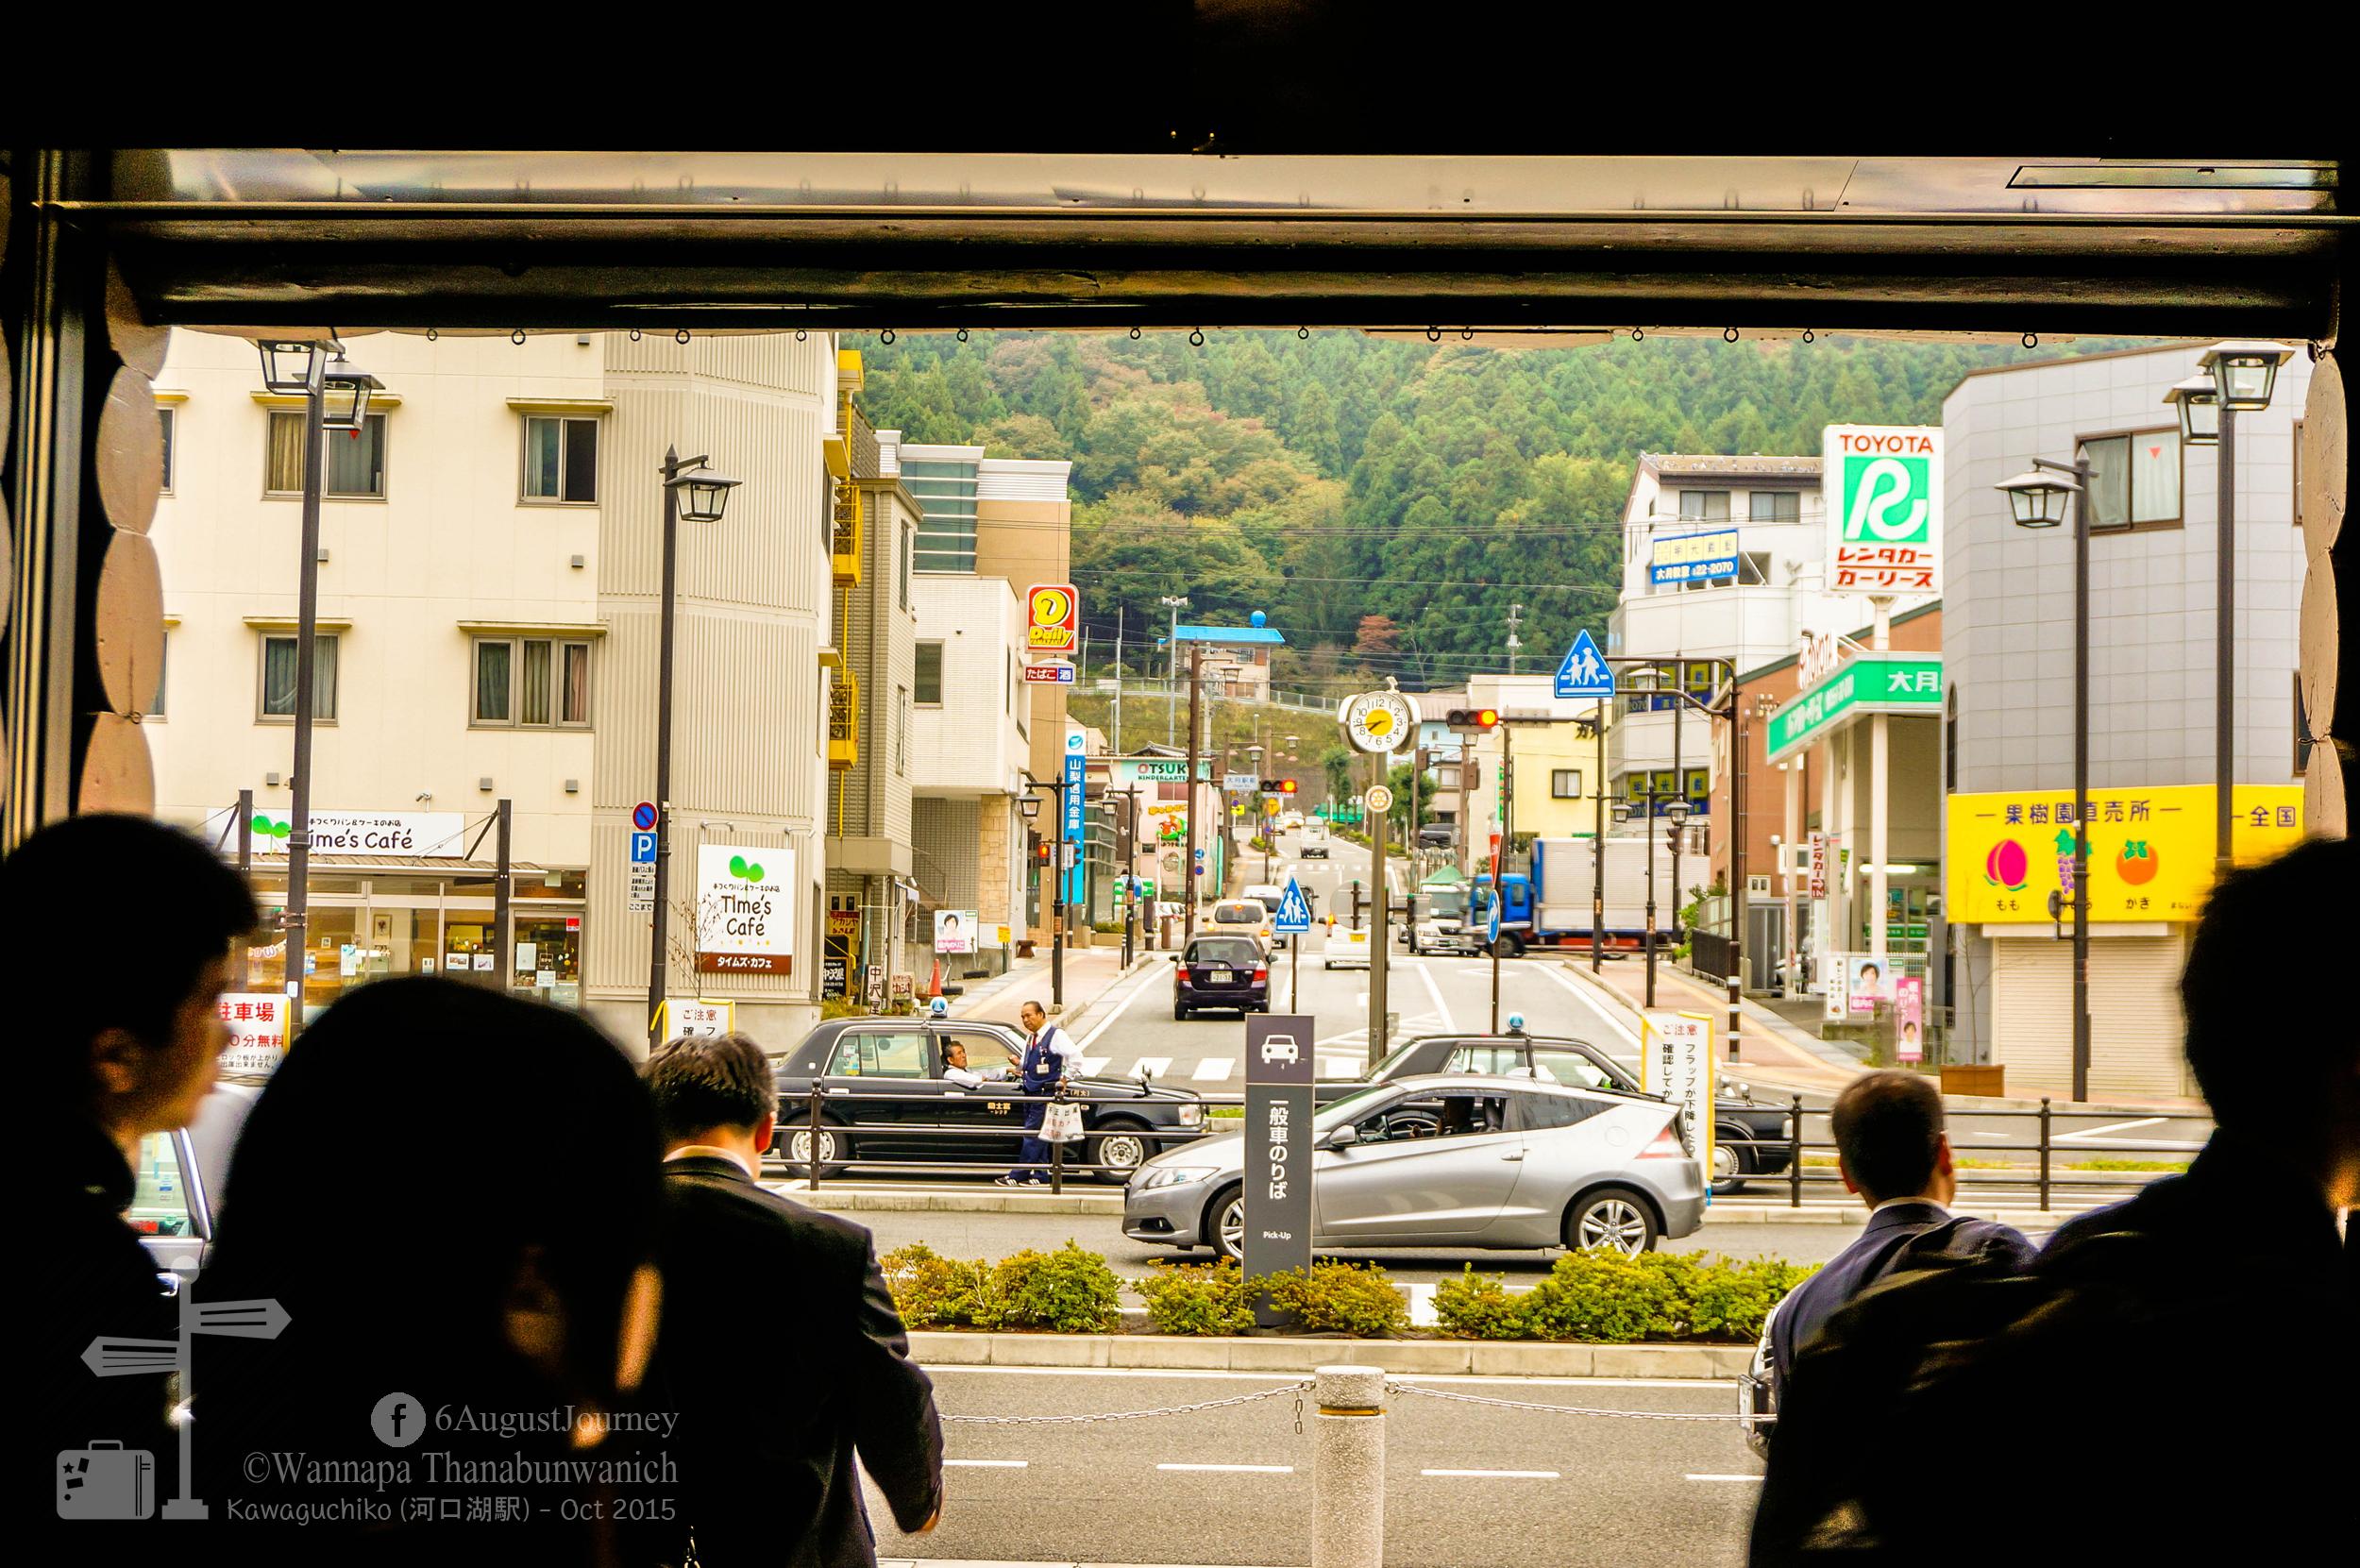 เดินออกจากจุดนี้เลี้ยวขวาจะเห็น ตู้เก็บตังผ่านทางไป รถไฟสายคาวากูจิโกะ